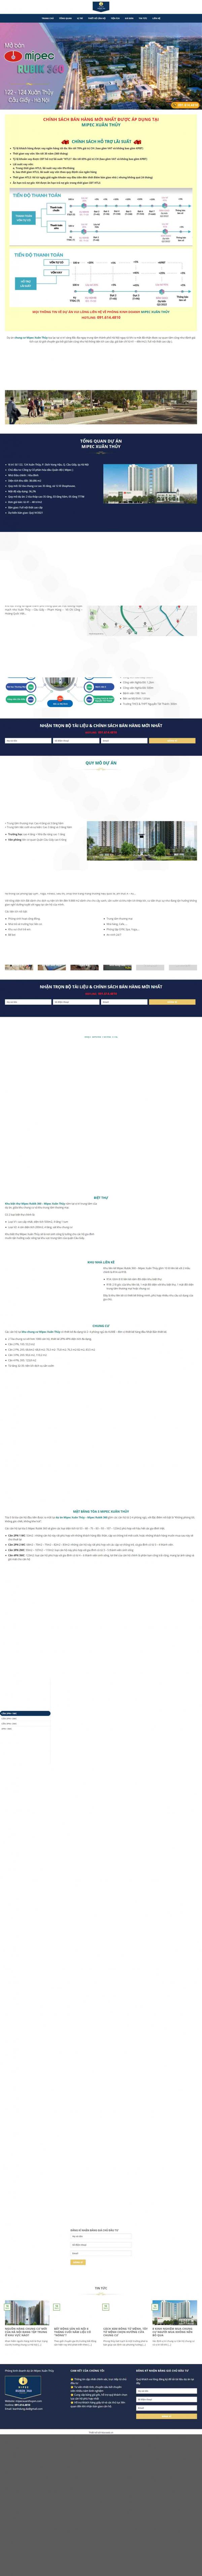 Mẫu giao diện thiết kế website nhà đất chuyên nghiệp